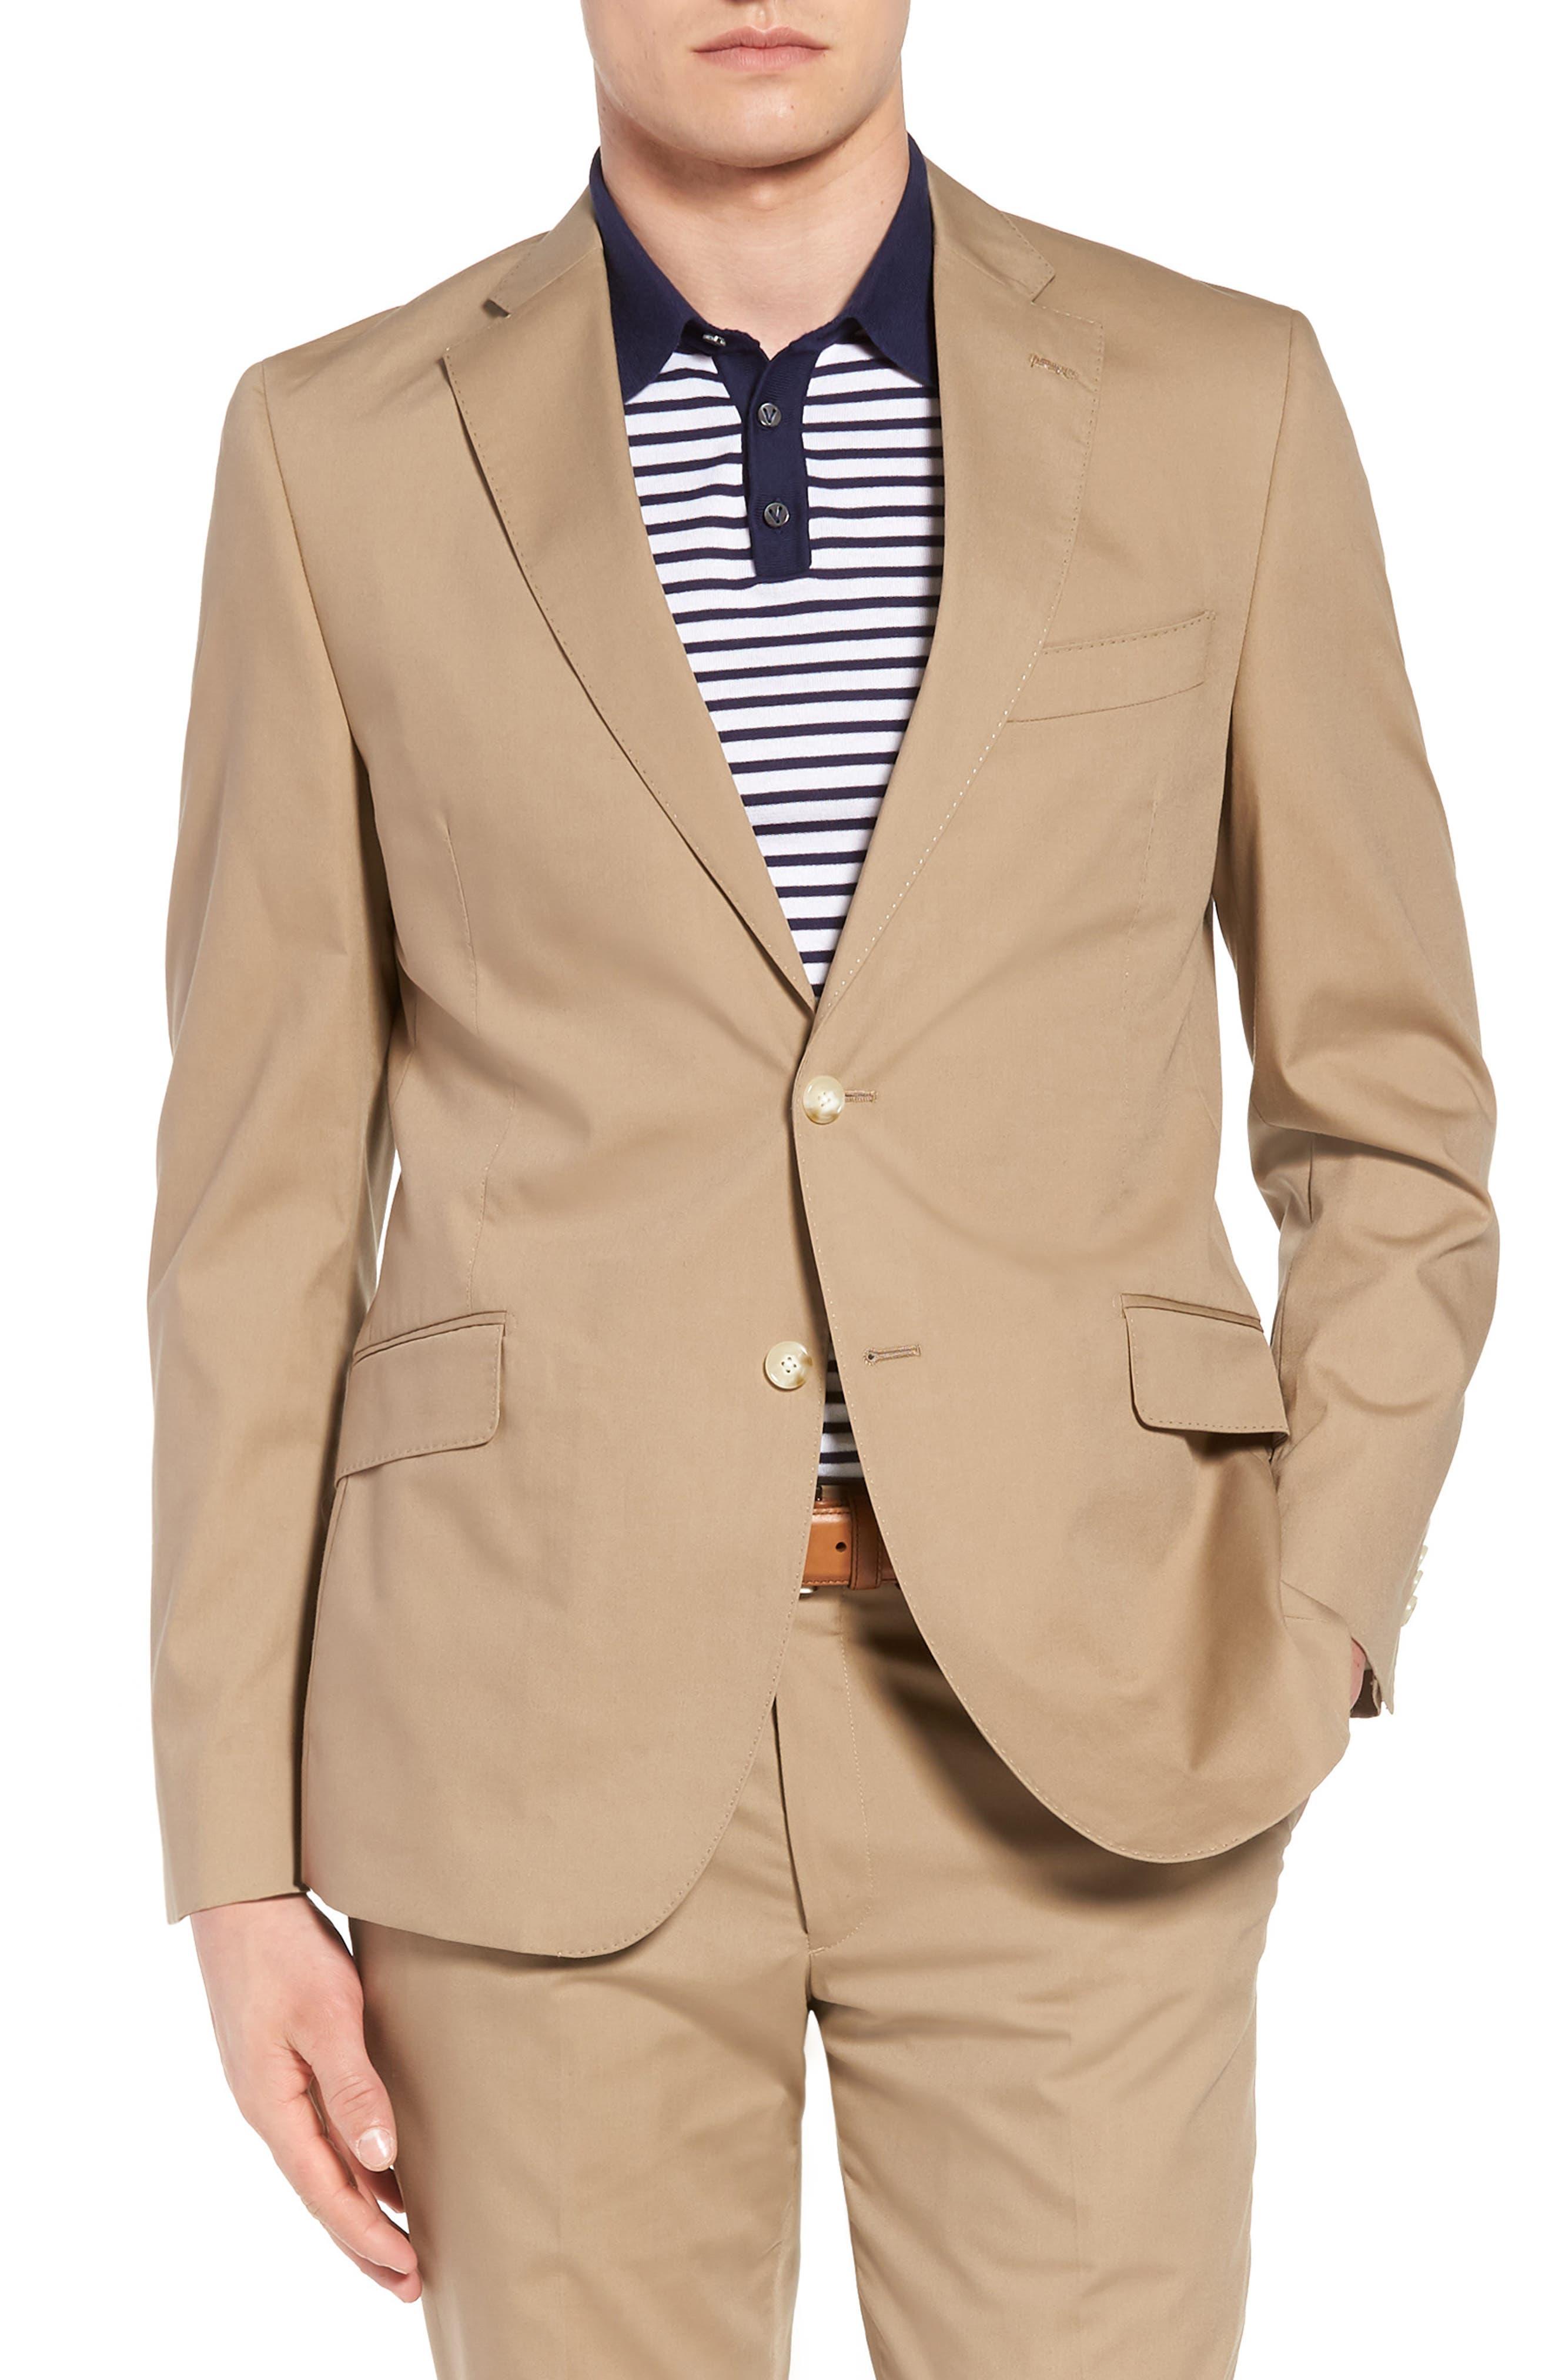 Irons AIM Classic Fit Solid Cotton Blend Suit,                             Alternate thumbnail 5, color,                             Khaki